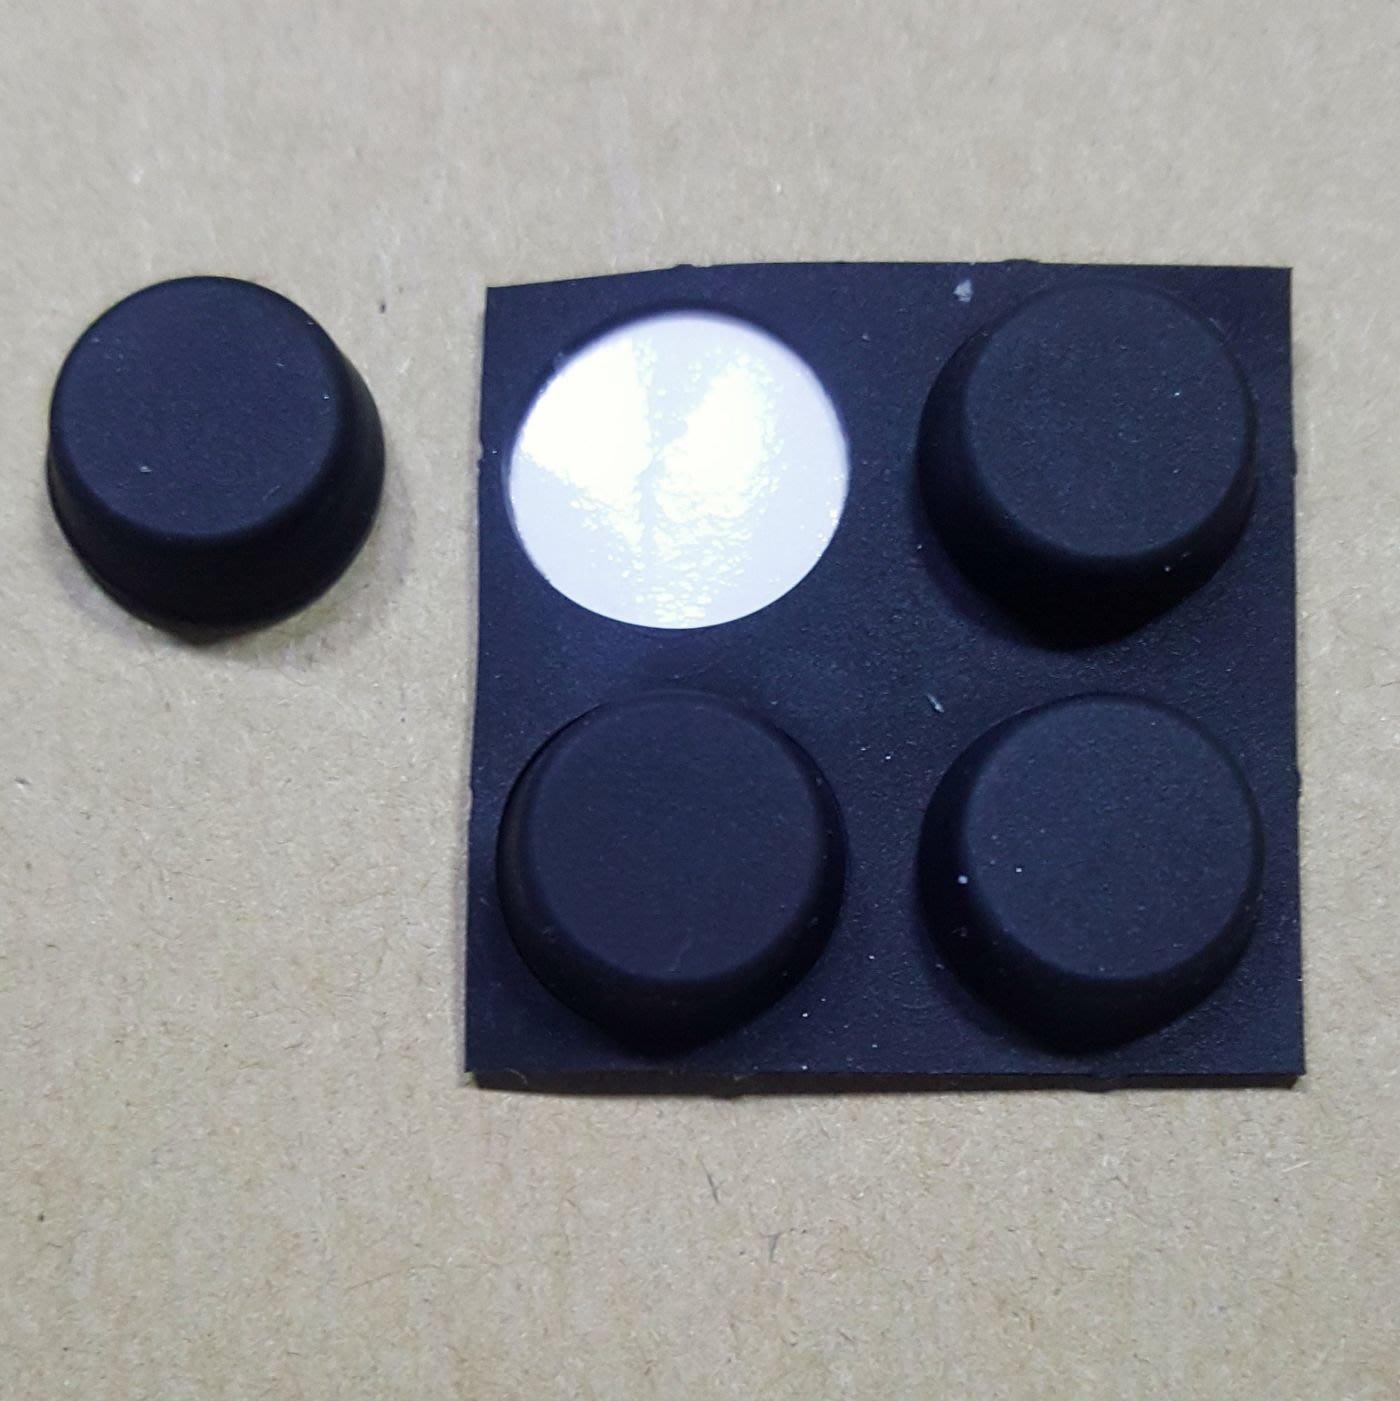 散熱 橡膠腳墊 圓形 直徑 12mm x 厚度 5mm 1包4入   現貨 自黏